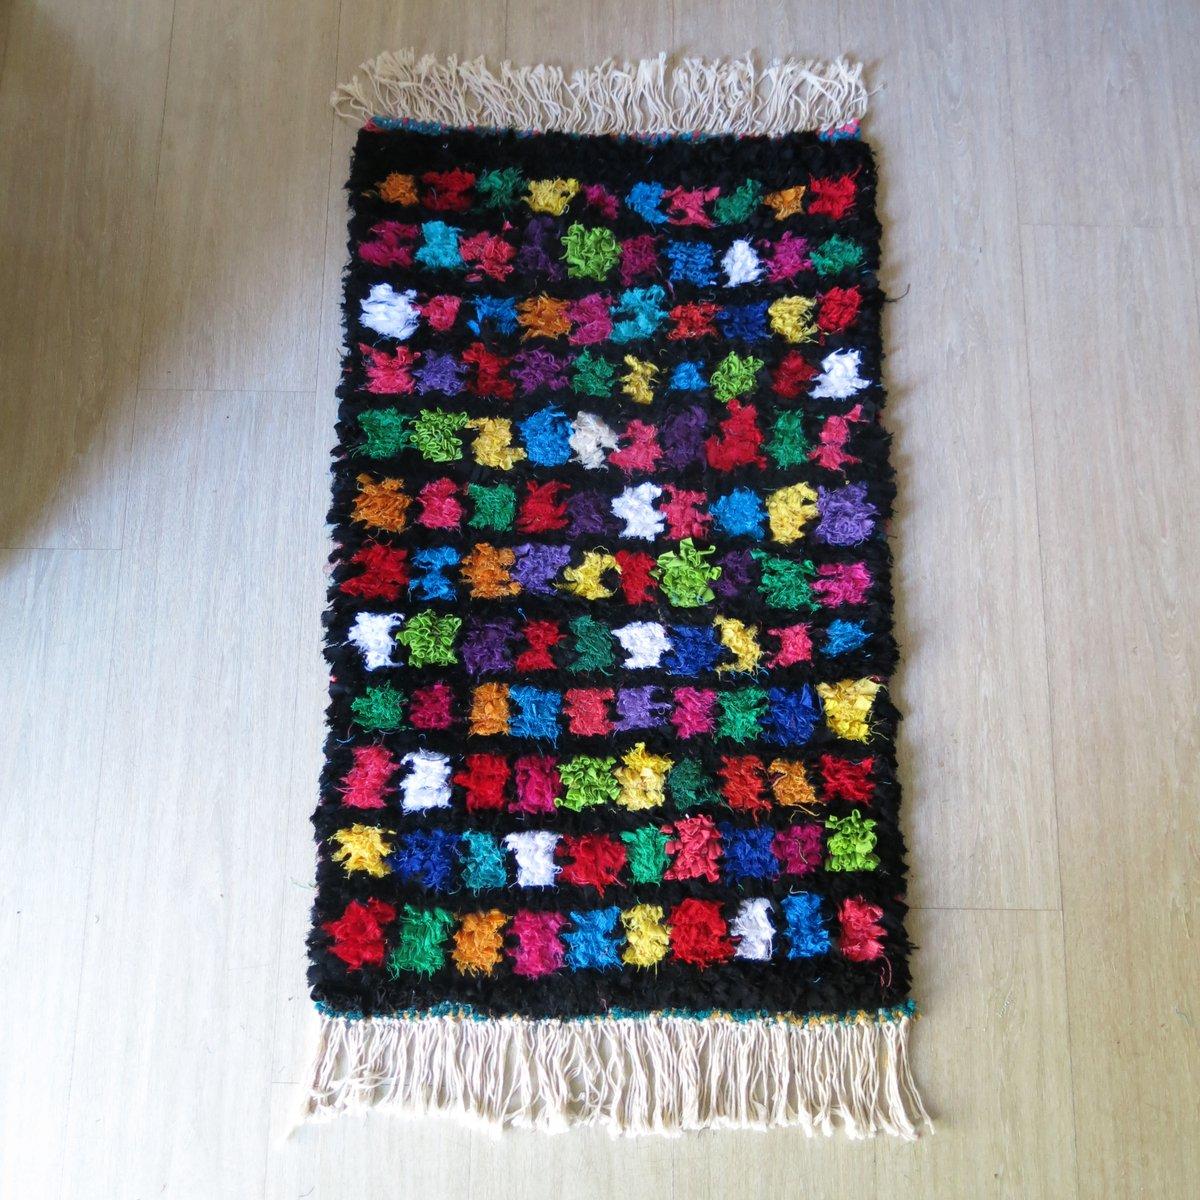 marokkanischer bunter kleiner teppich 1990er bei pamono. Black Bedroom Furniture Sets. Home Design Ideas